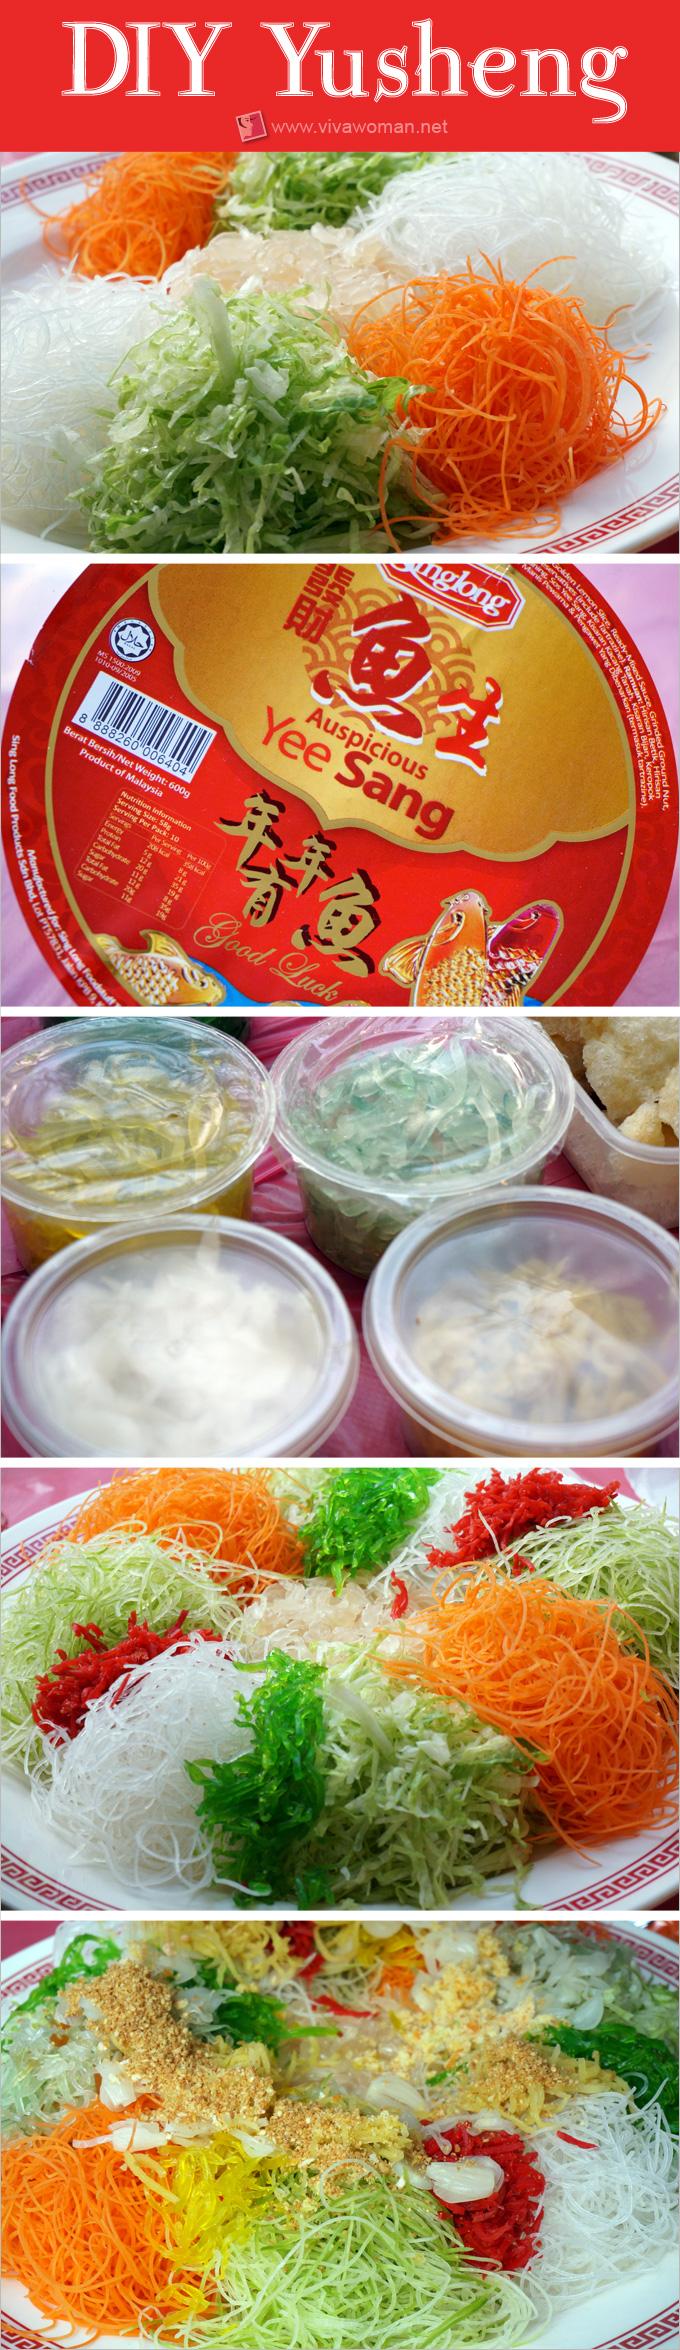 DIY-Yusheng